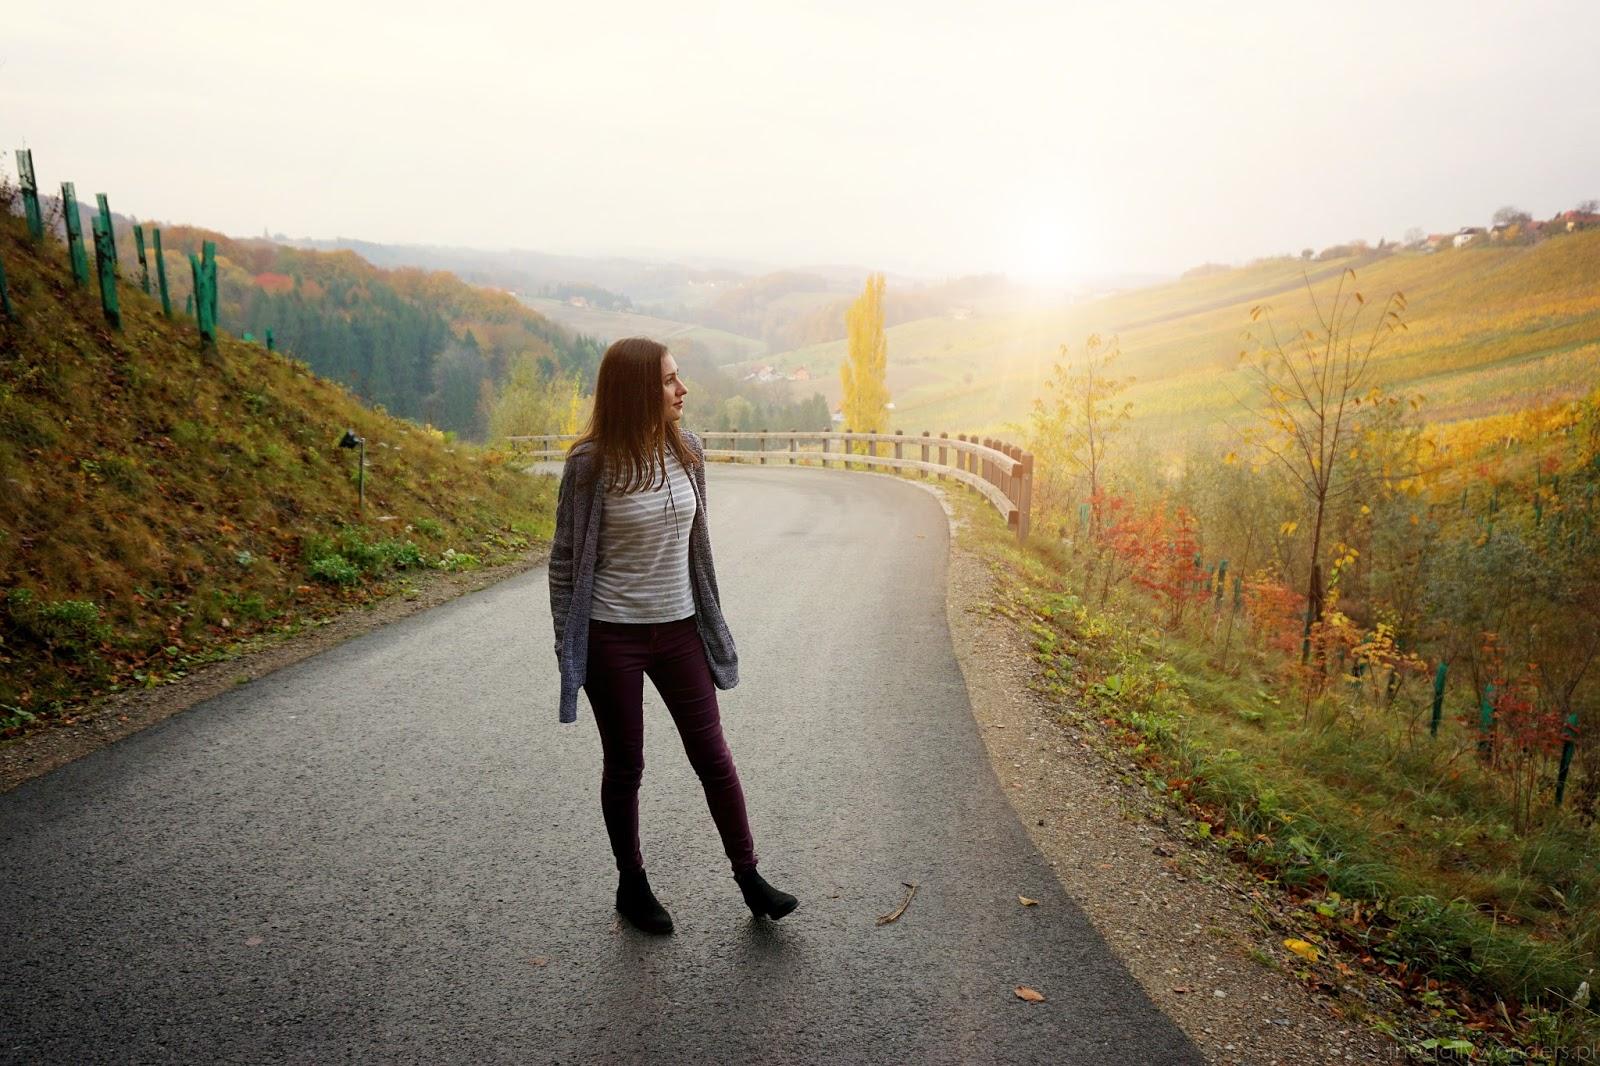 Austria, winnice, szlak winnic, co zobaczyć w Austrii, podróże